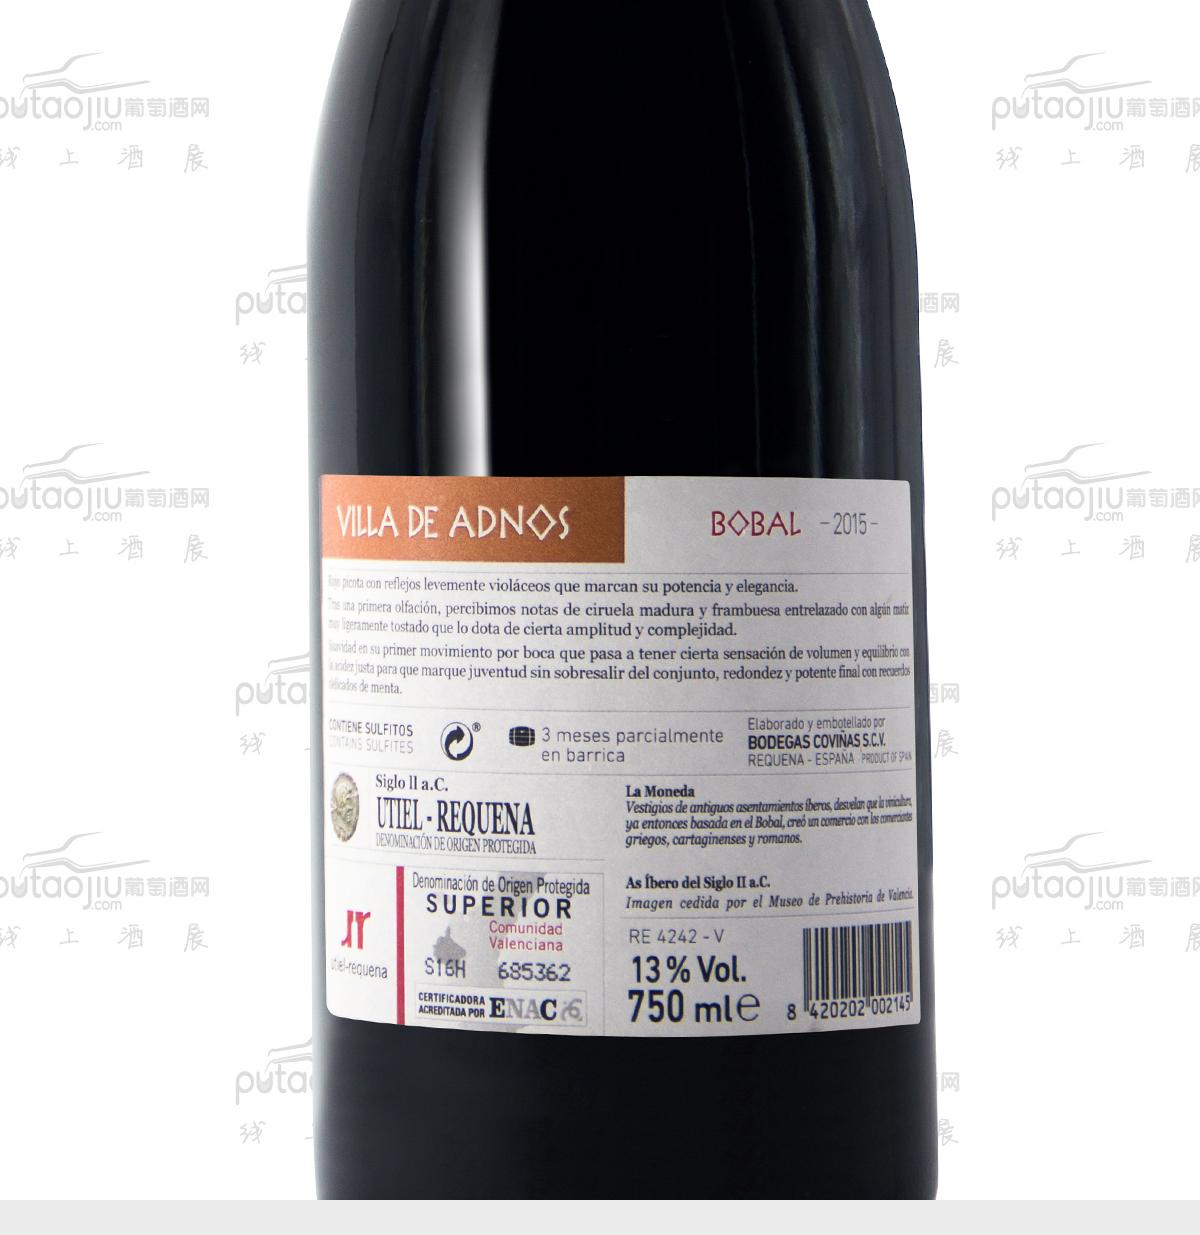 匠心之城博贝尔红葡萄酒